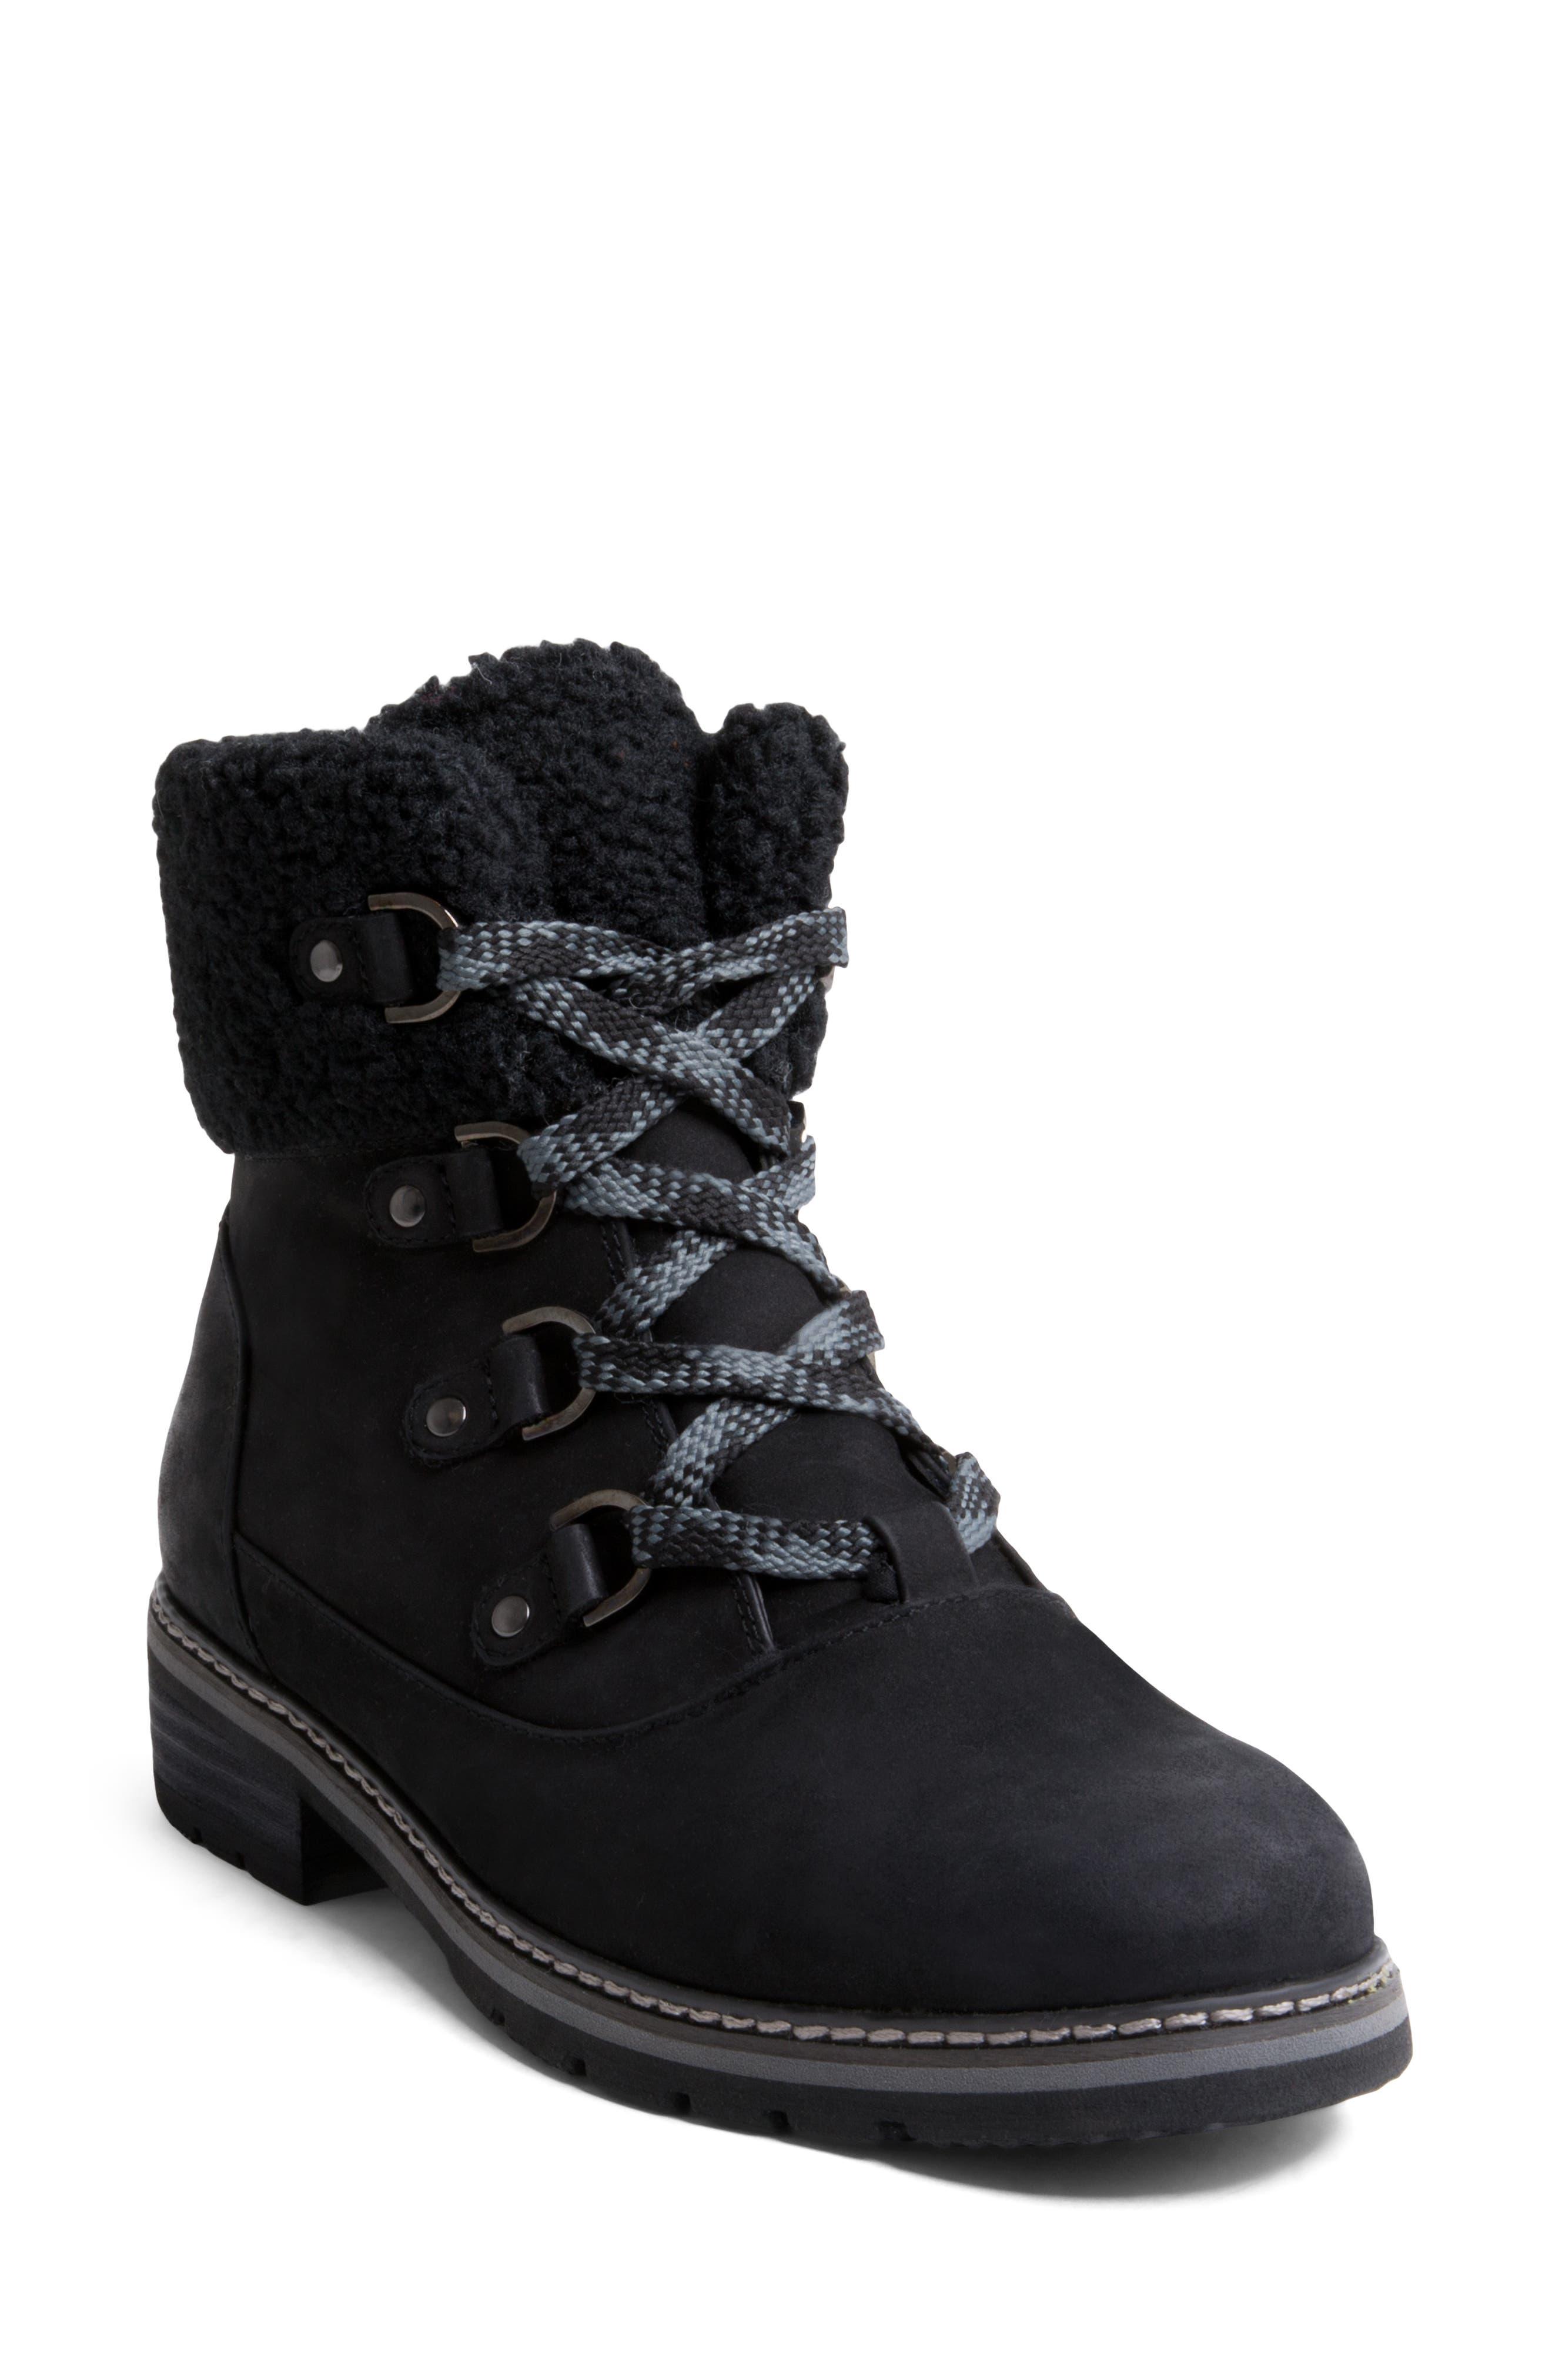 Blondo Vanessa Waterproof Boot- Black